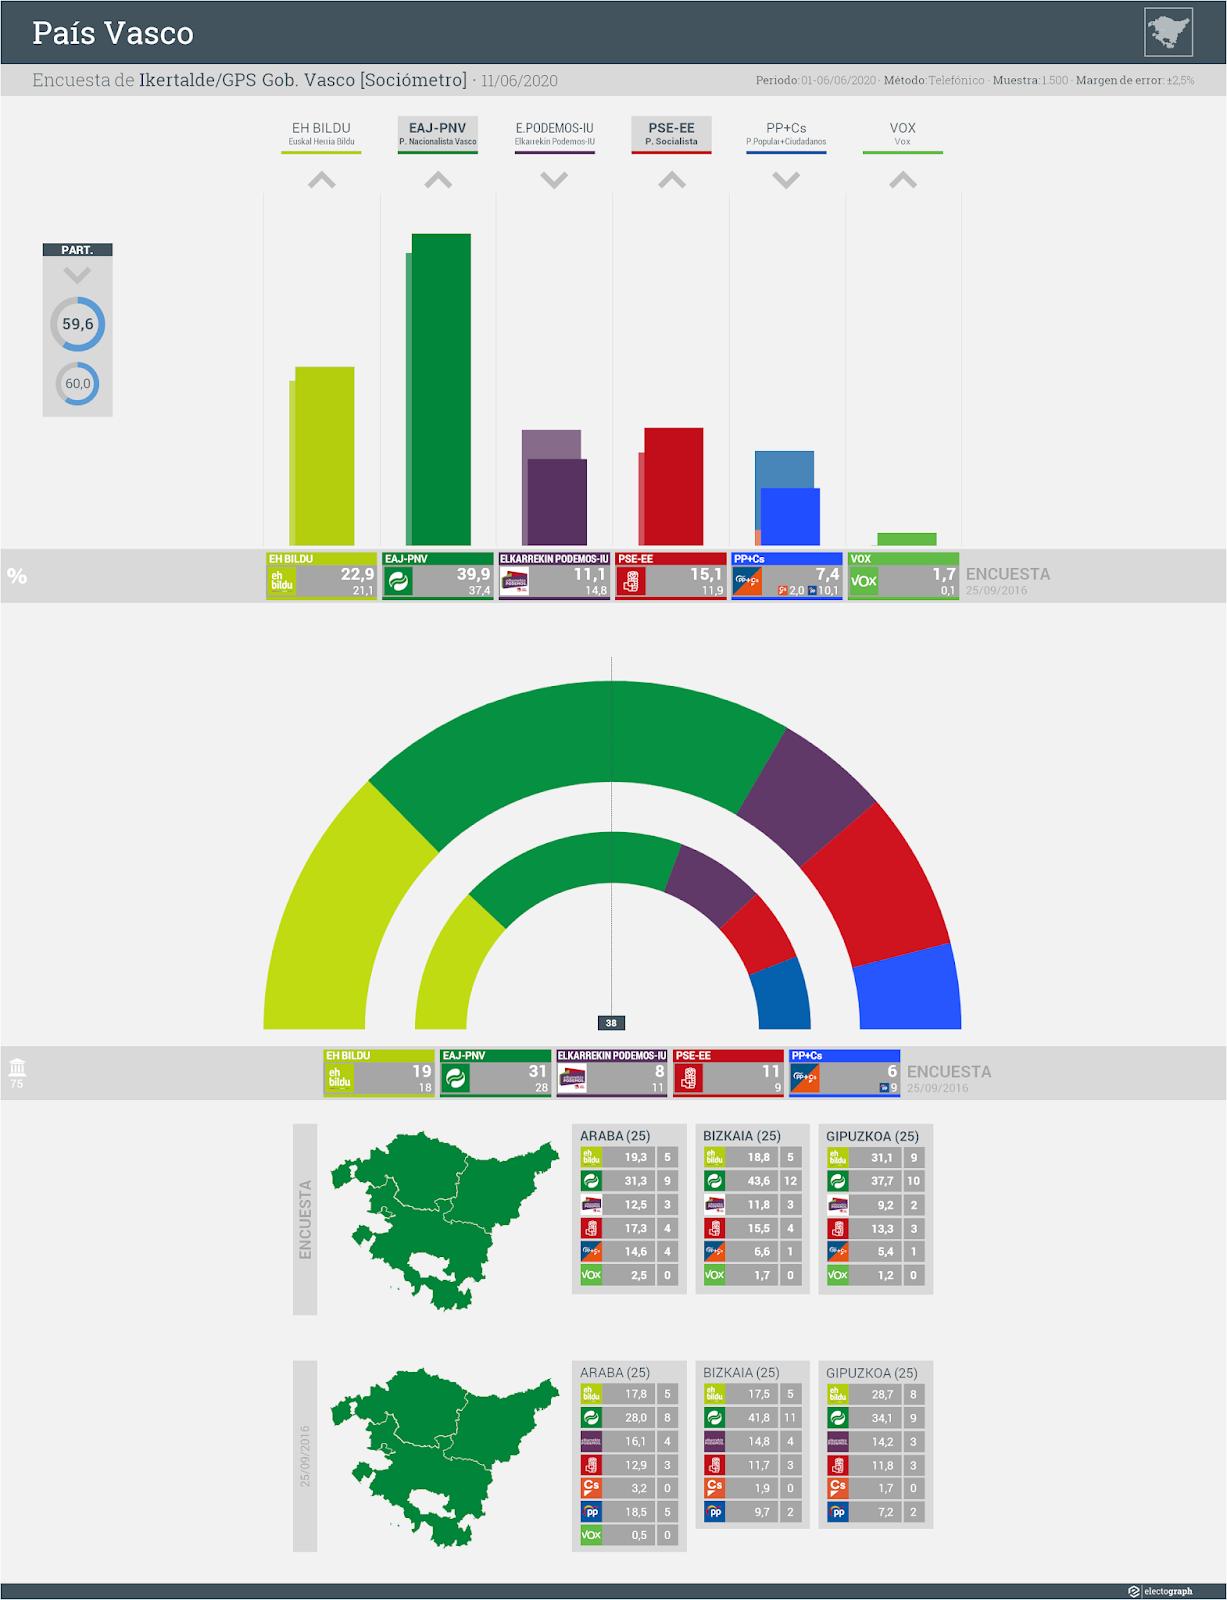 Gráfico de la encuesta para elecciones autonómicas en el País Vasco realizada por Ikertalde y el Gabinete de Prospección Sociológica del Gobierno Vasco [Sociómetro], 11 de junio de 2020